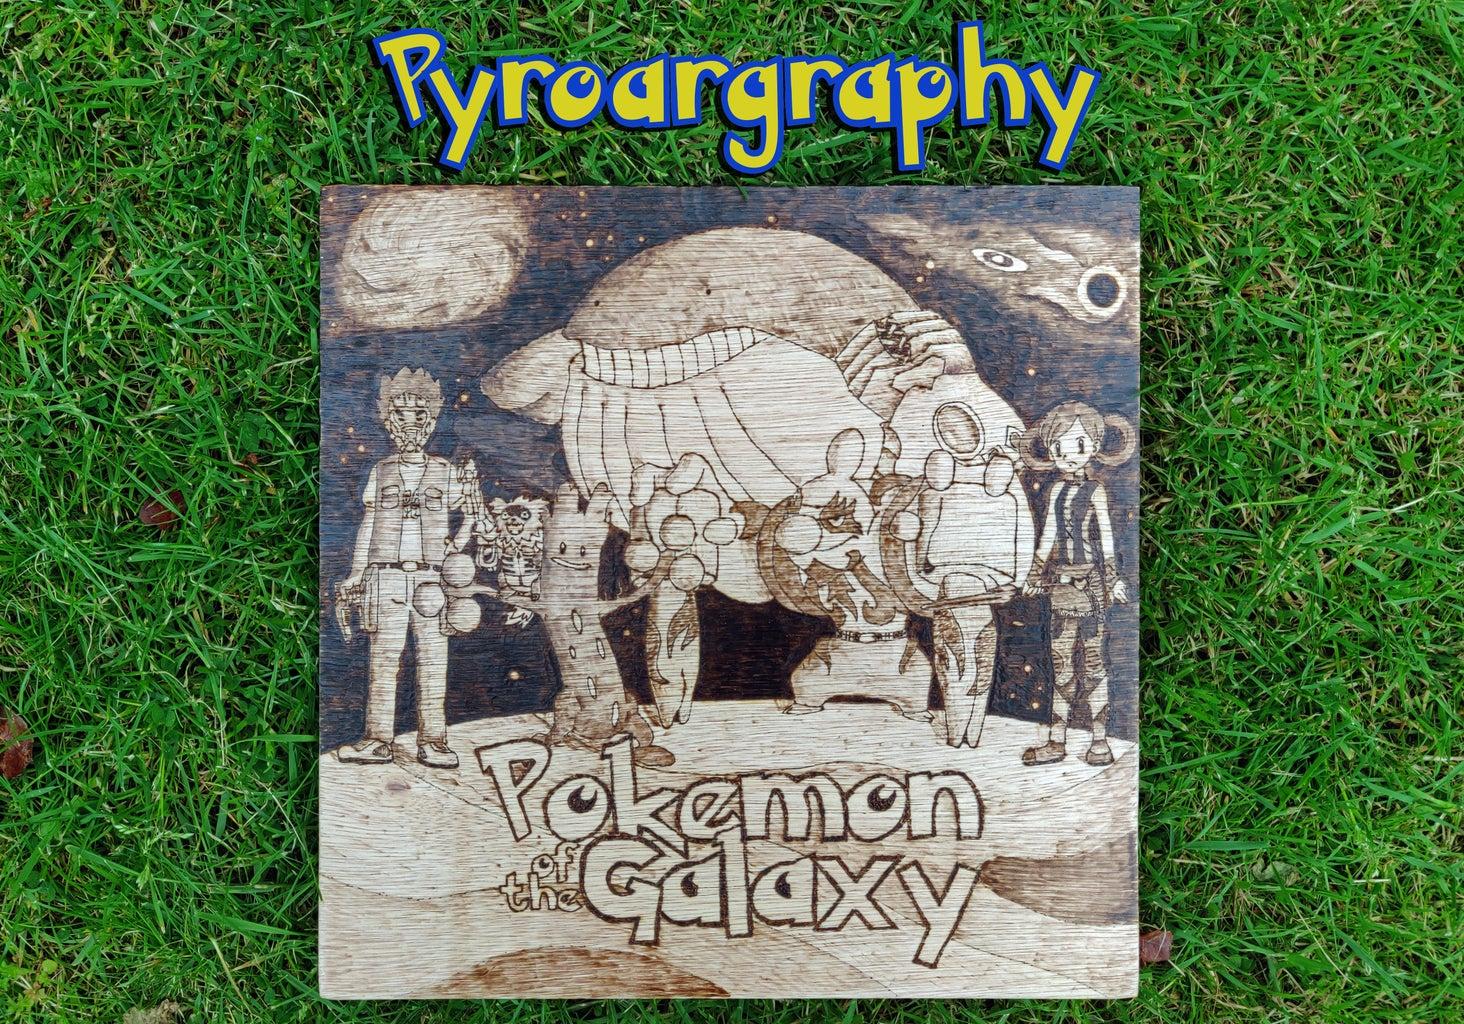 Pyroargraphy - Pokémon Wood Burning